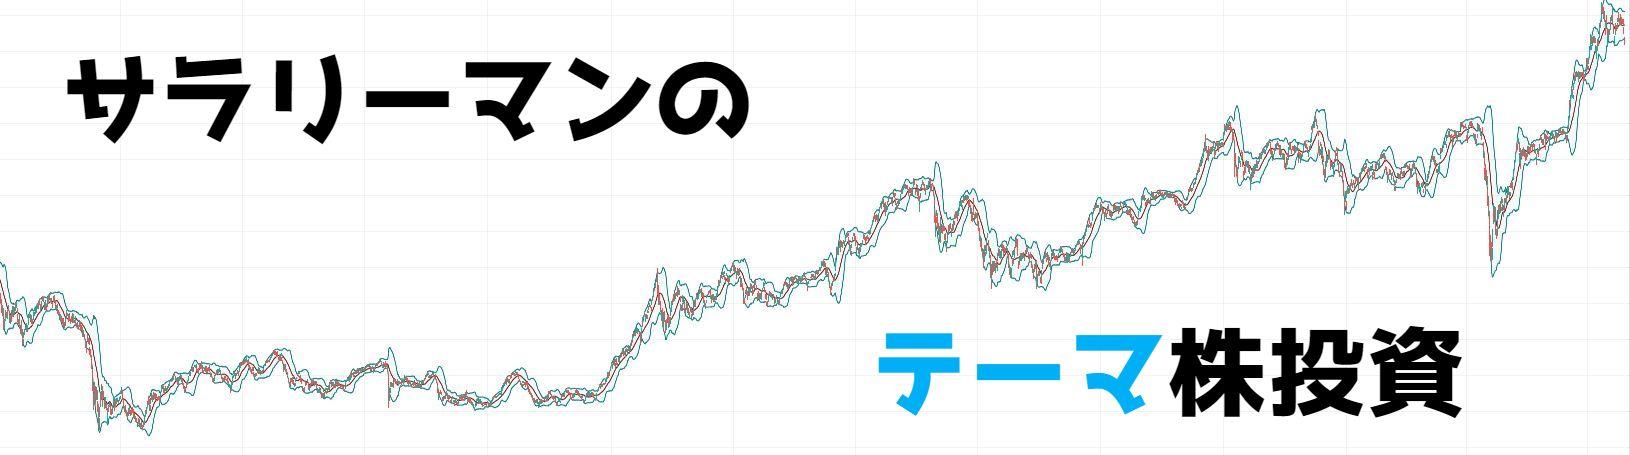 サラリーマンのテーマ株投資